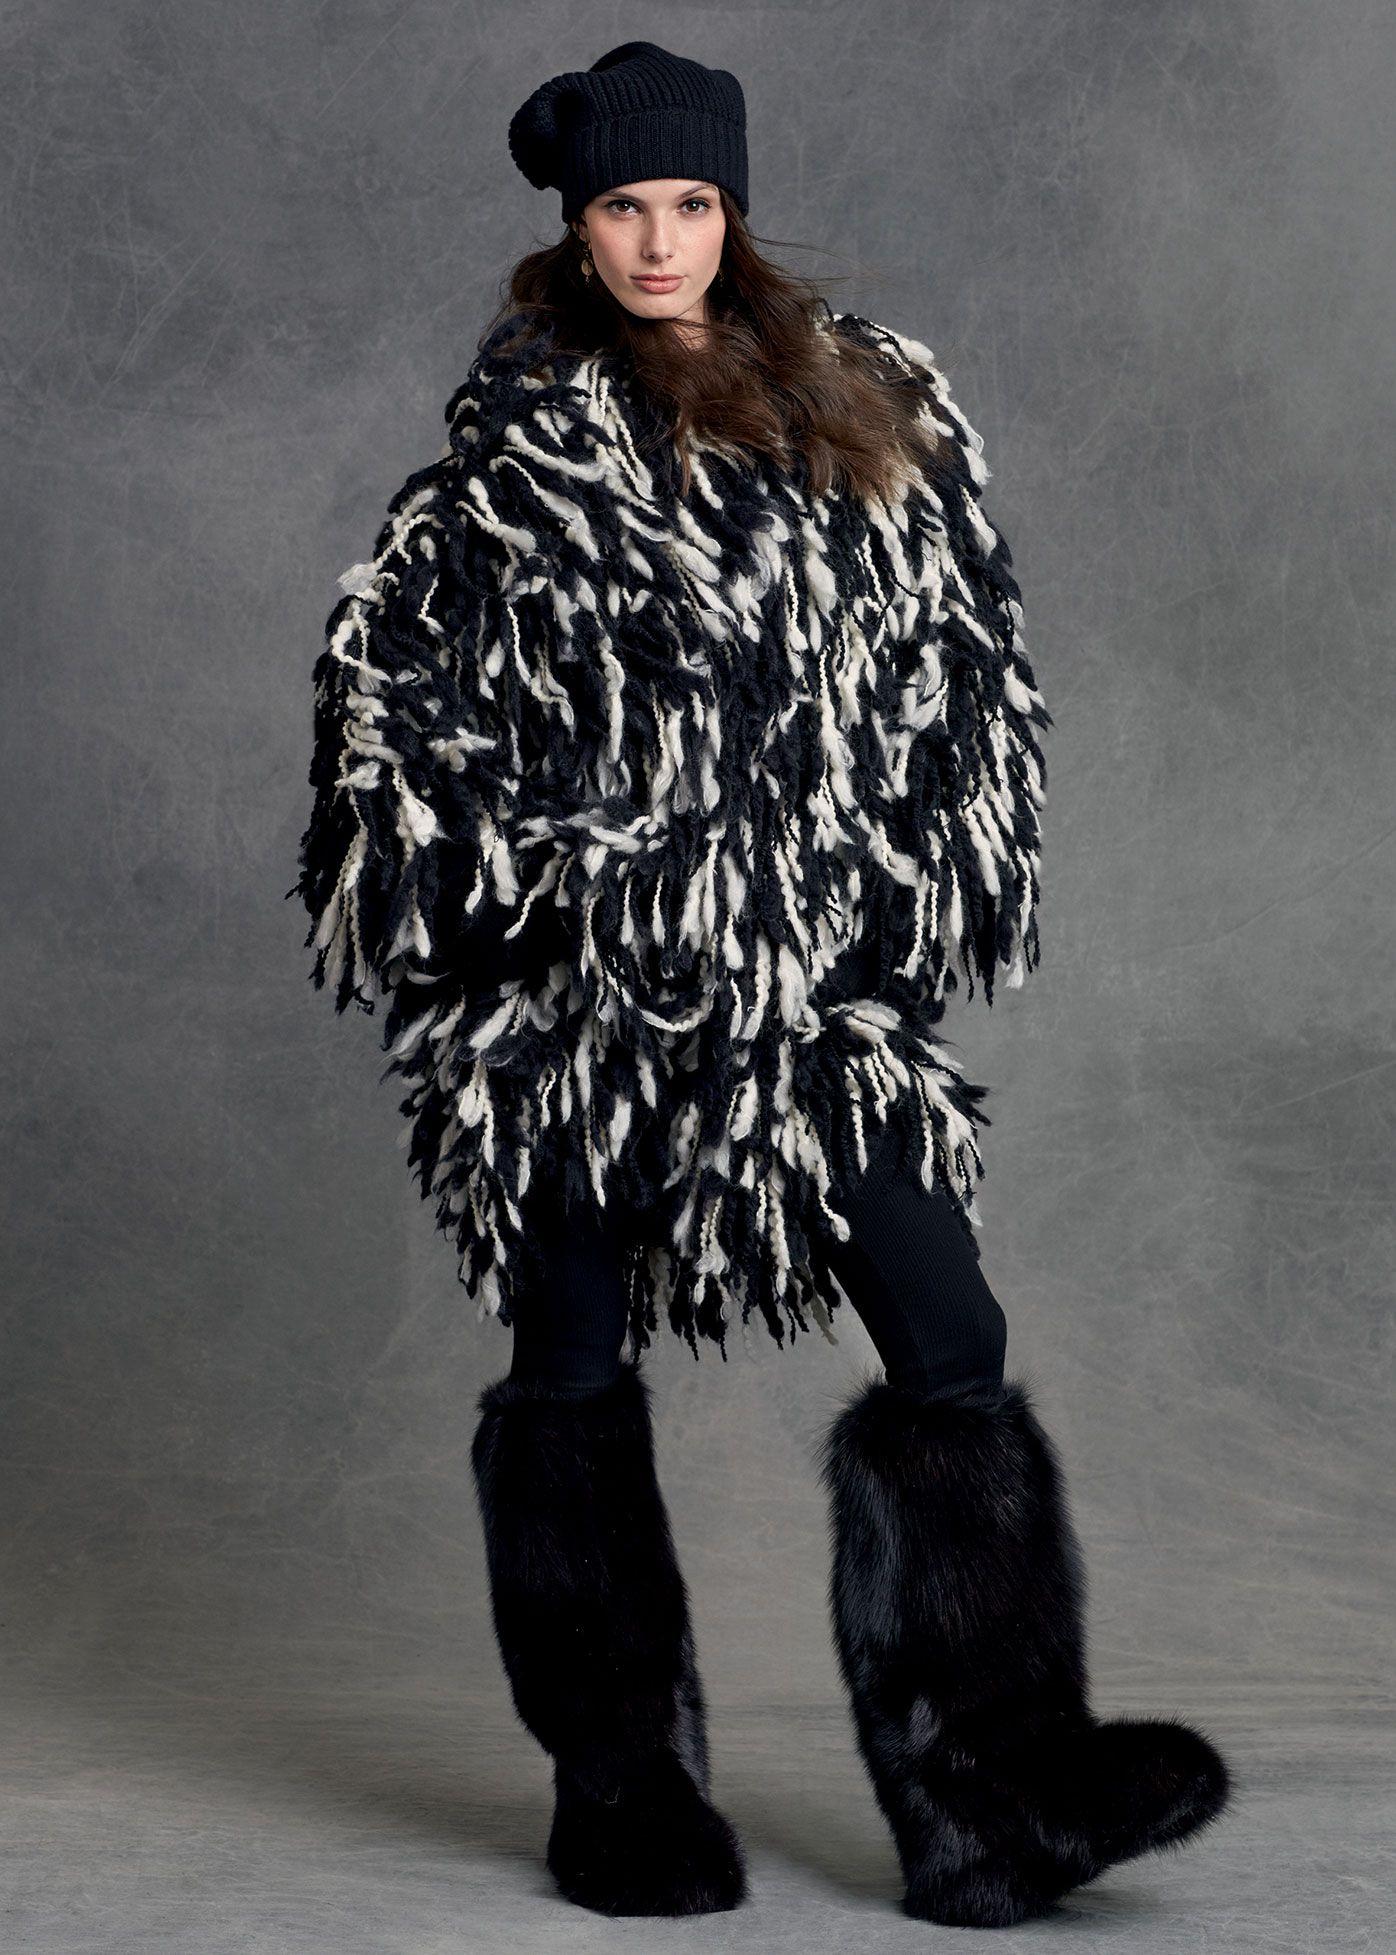 Dolce   Gabbana Abbigliamento Donna Inverno 2016  e84b95a5bbd